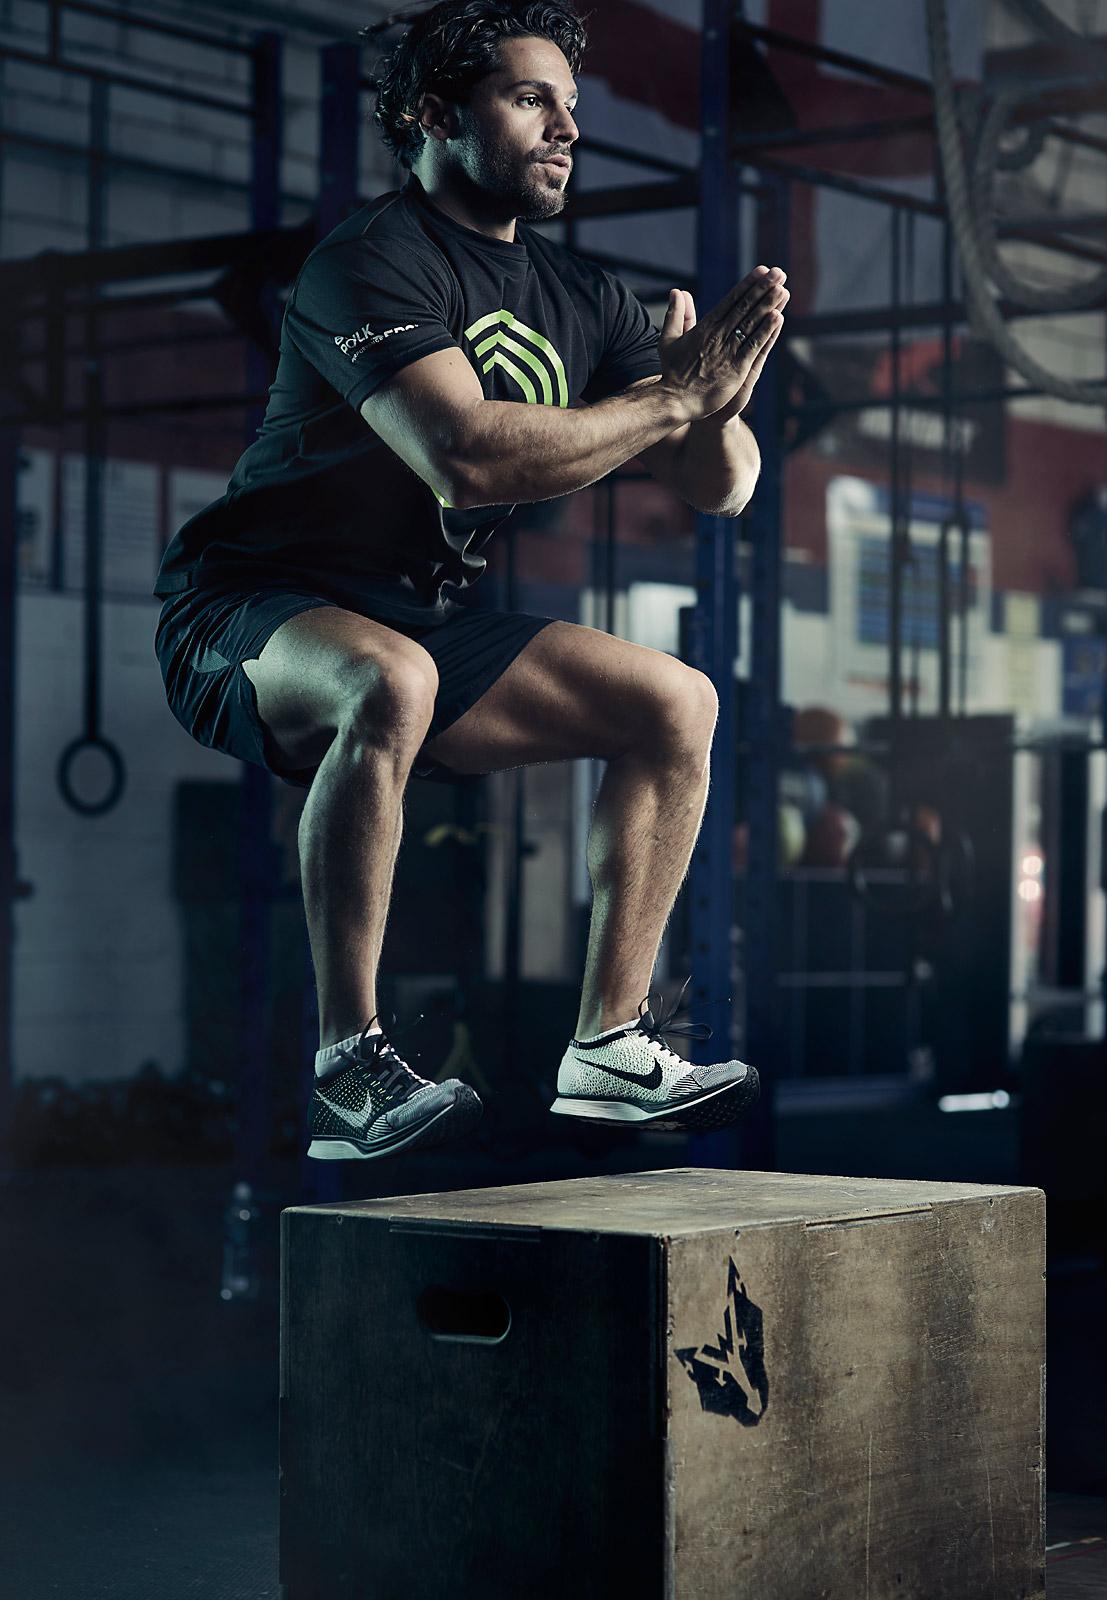 Bulk Powders – Crossfit box jump